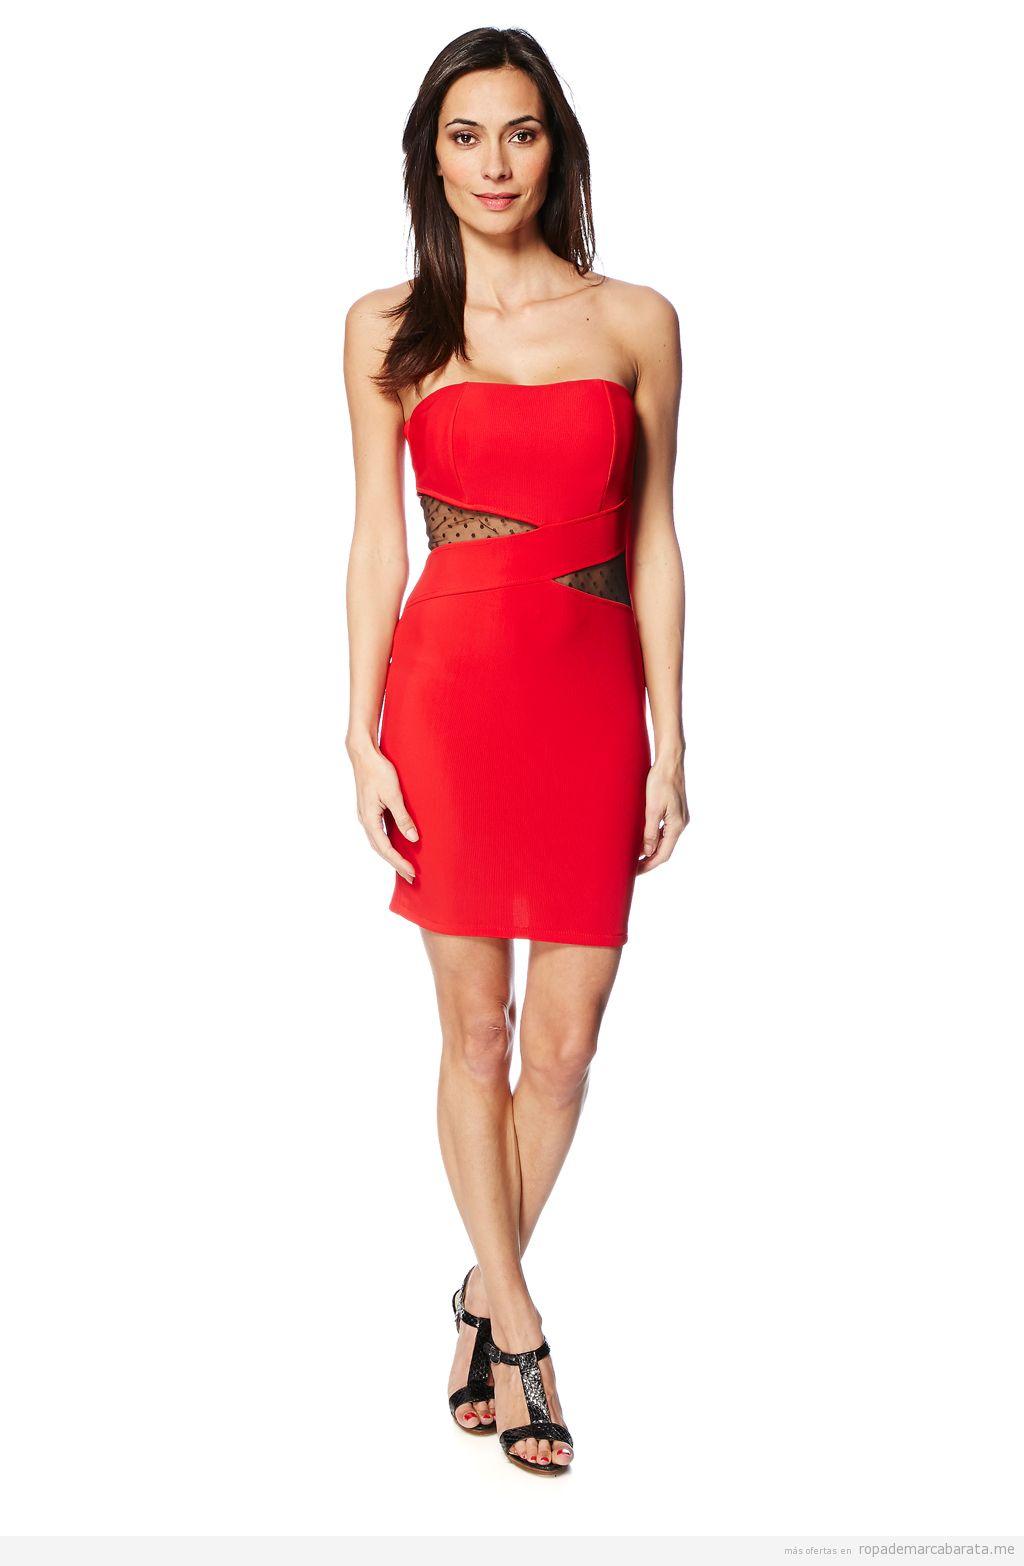 7b7027fc9 Vestidos cortos y sexys fiesta marca Torrente baratos, comprar outlet online